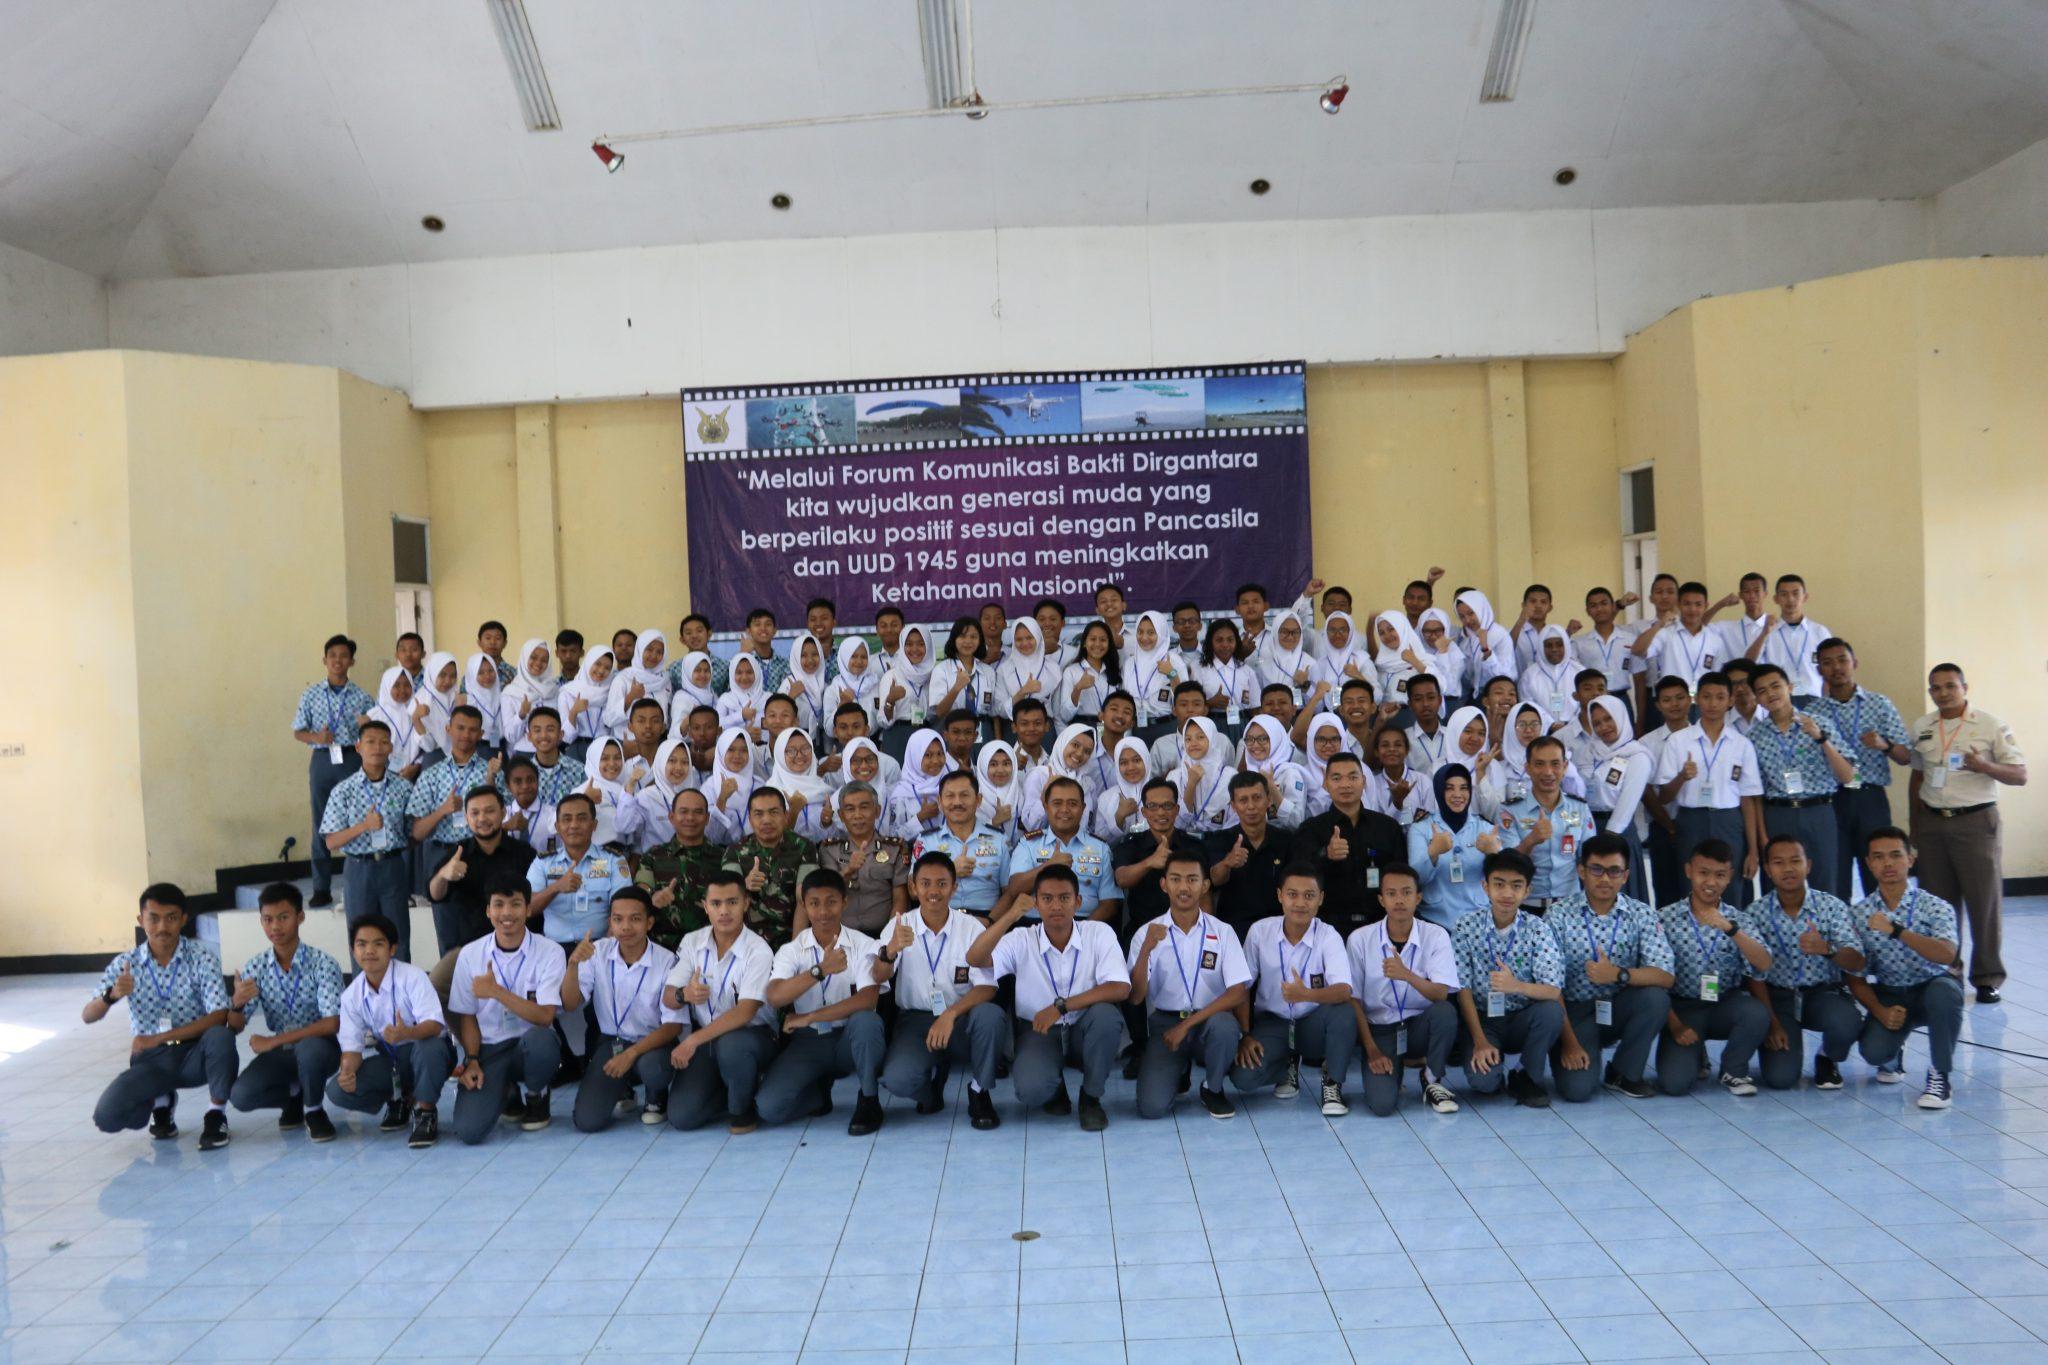 Forum Komunikasi Bakti Dirgantara T.A 2018 di Lanud Sulaiman